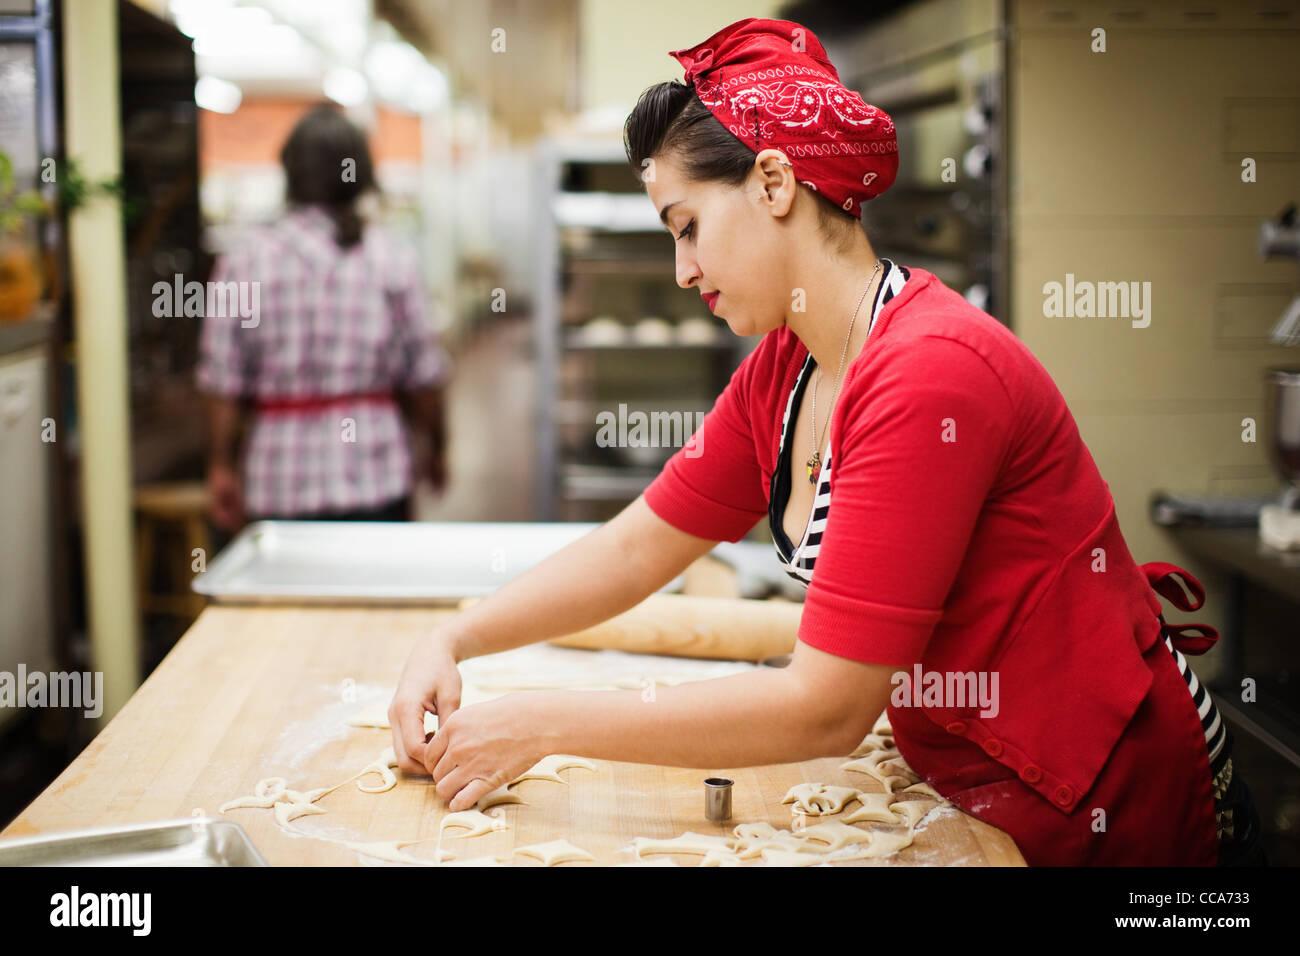 Giovani baker nella preparazione degli alimenti in cucina Immagini Stock